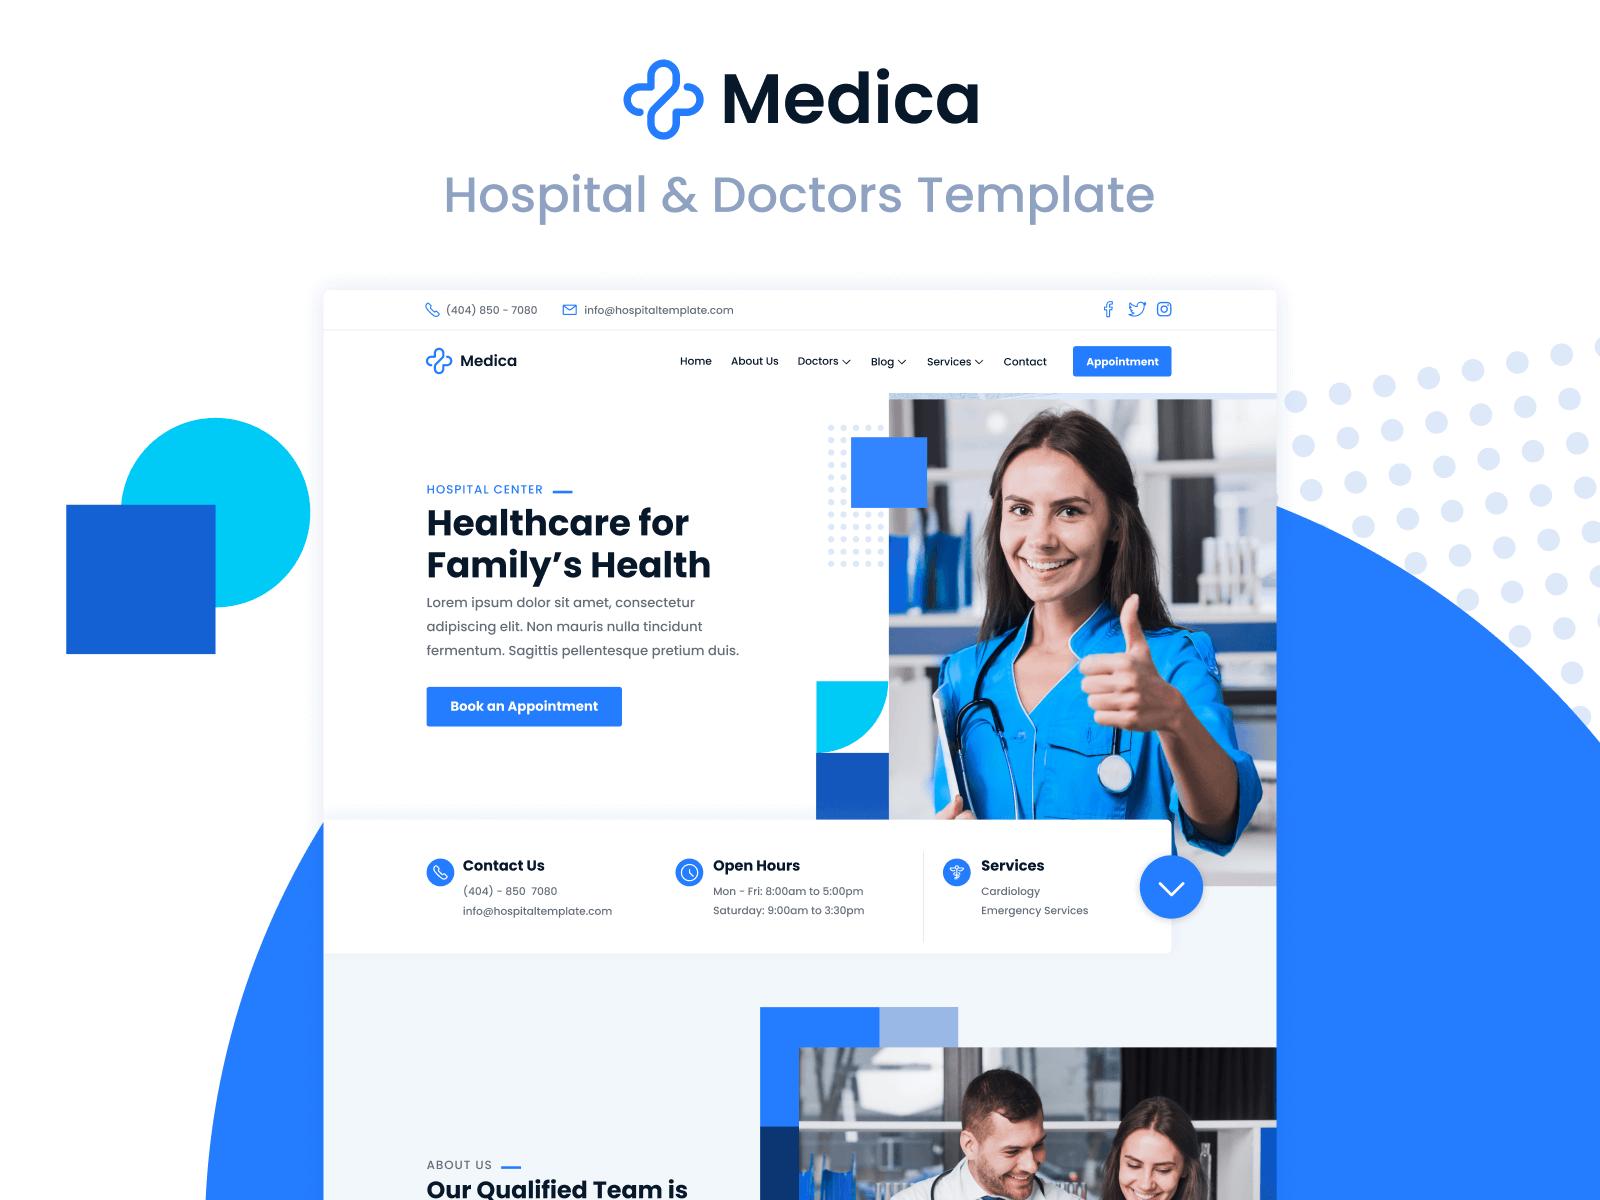 Hospital & Doctors Webflow Template